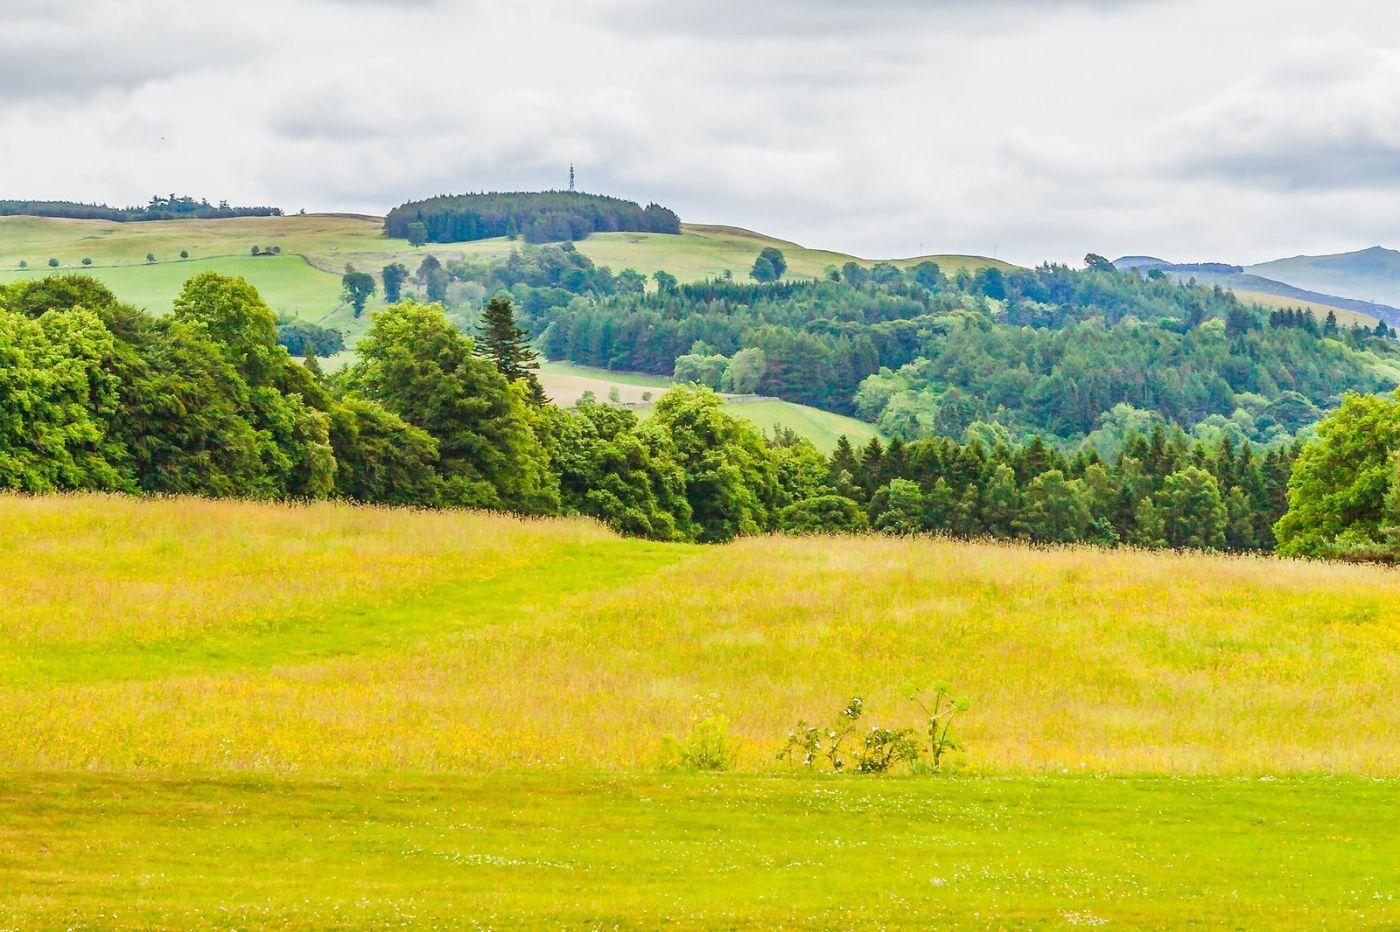 苏格兰布莱尔城堡(Blair Castle),环境优美_图1-23